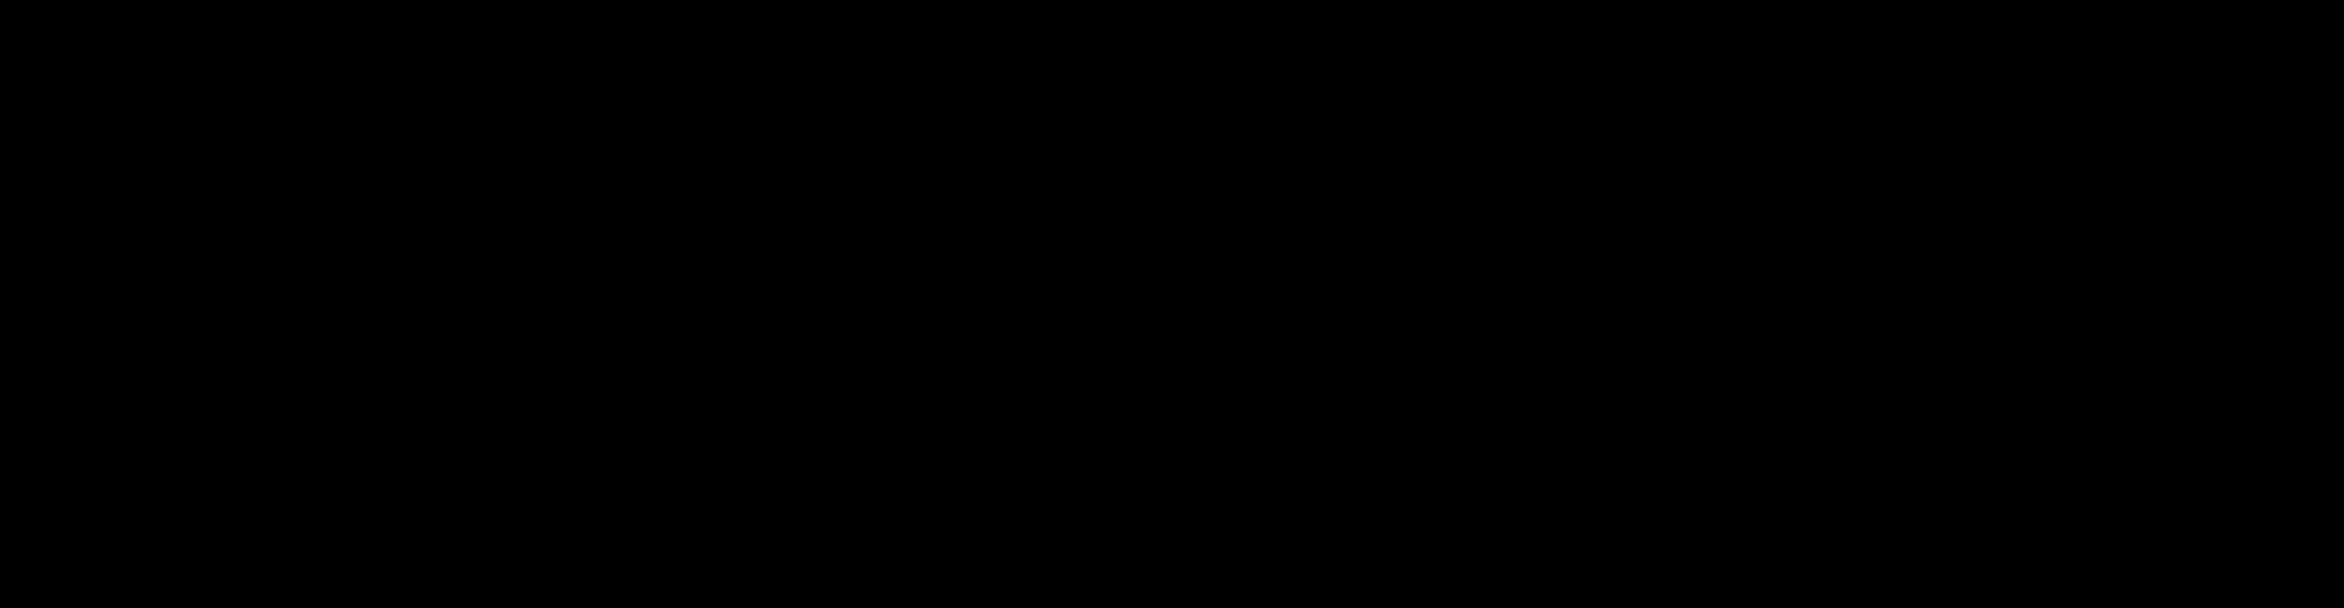 Sorafenib-d<sub>3</sub>